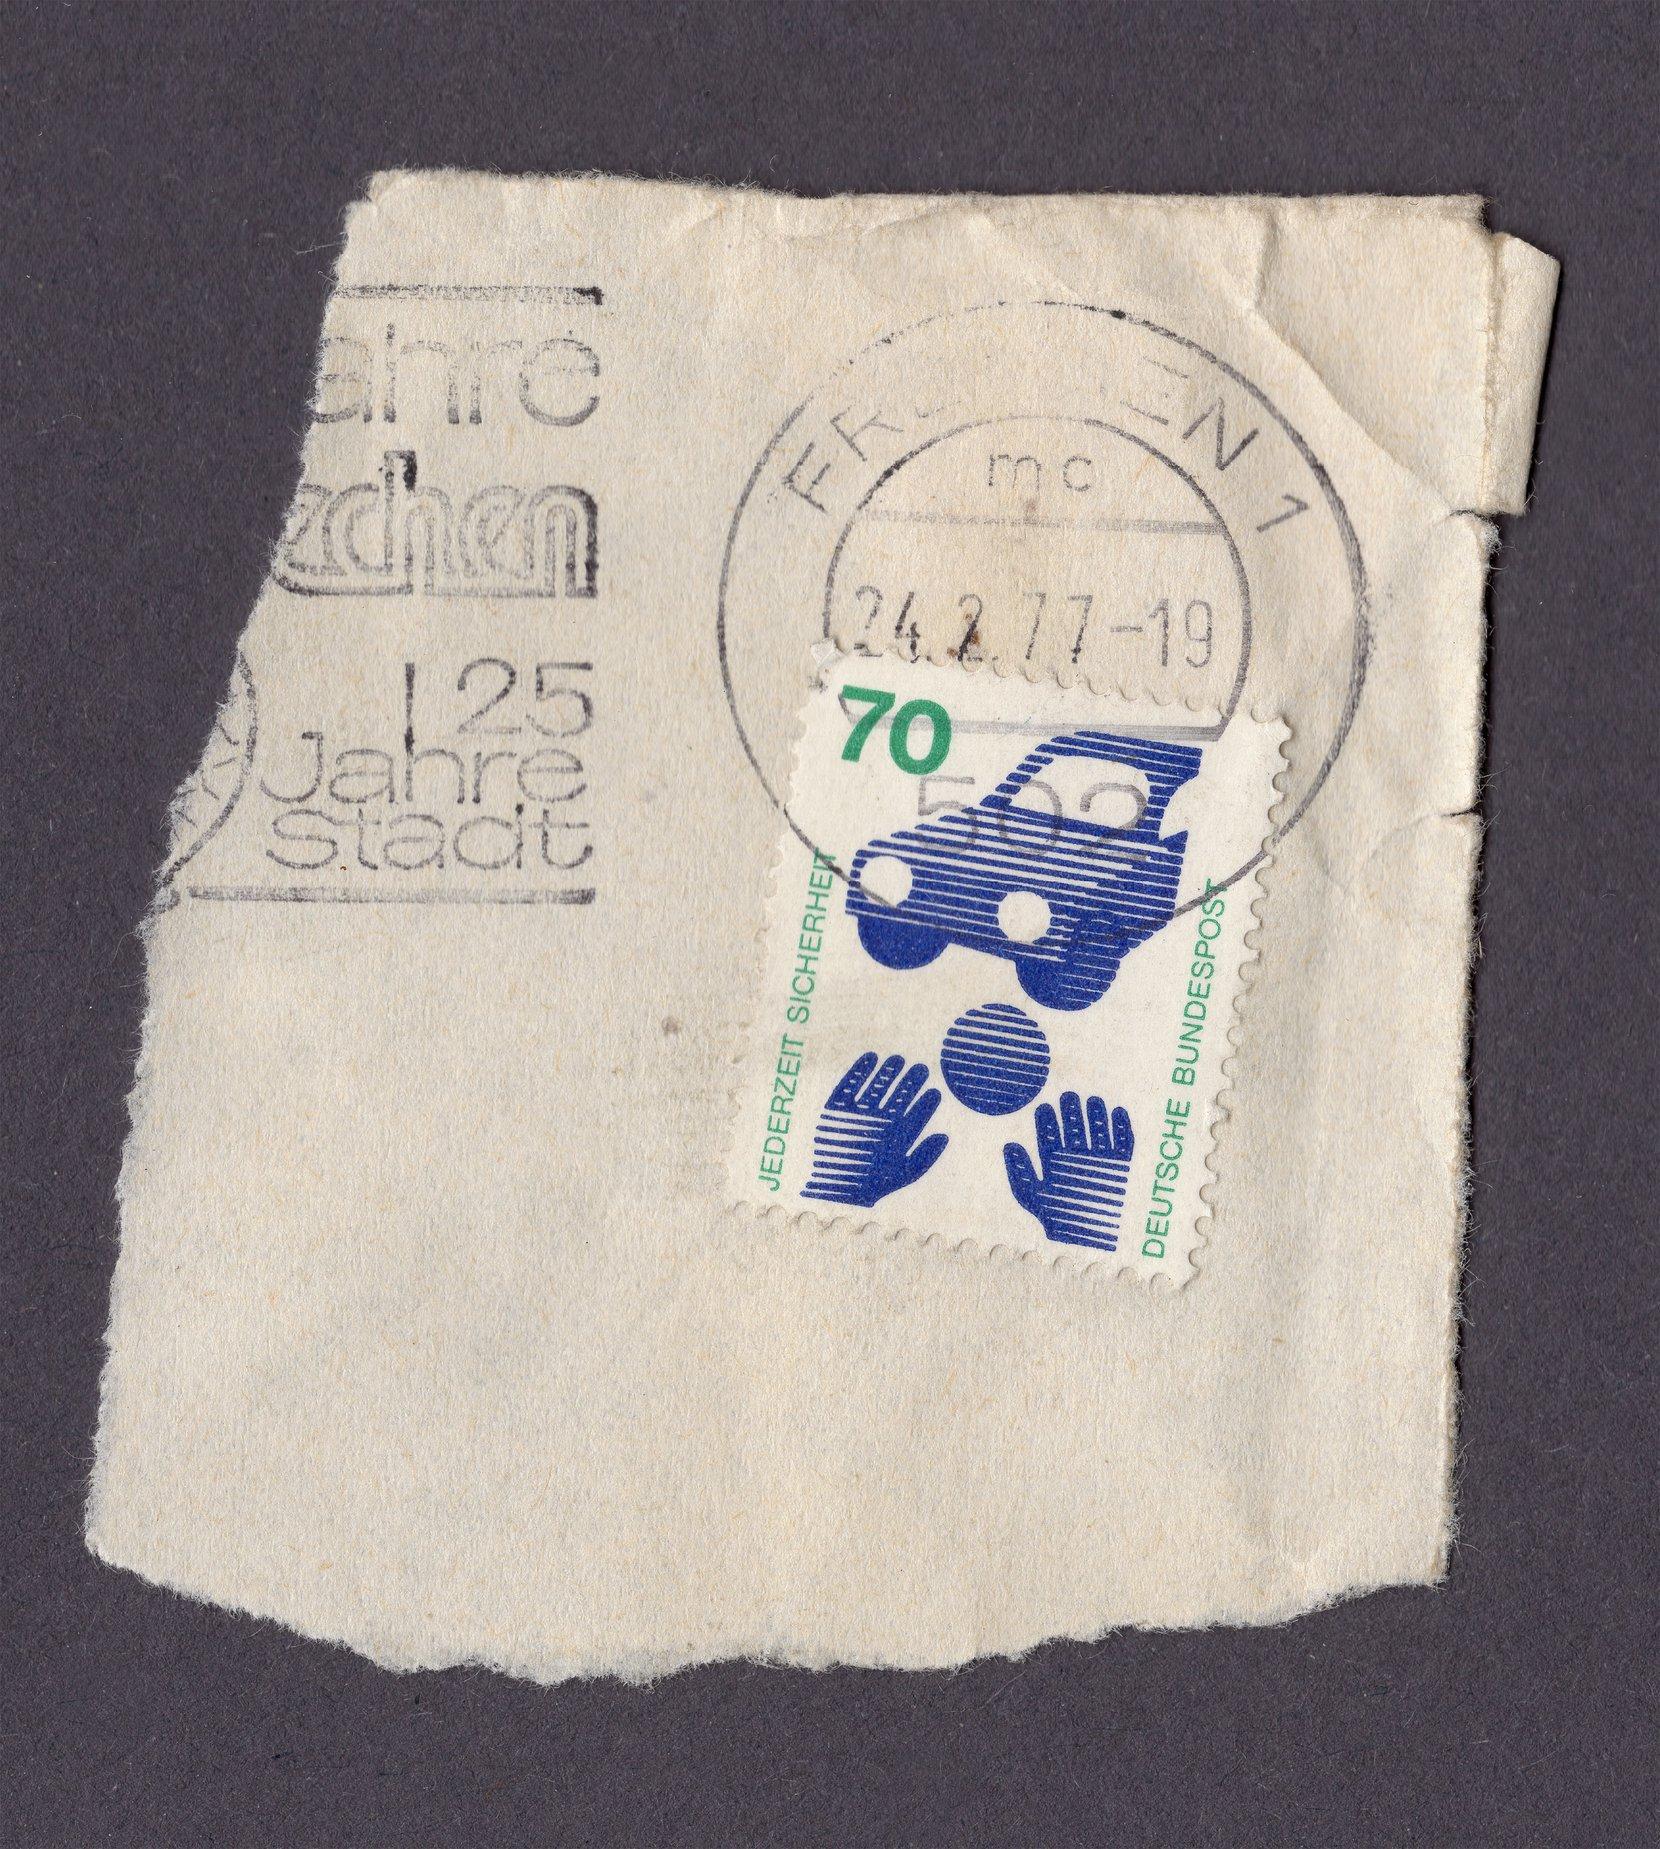 jederzeit sicherheit 70pfennig philately postage stamps